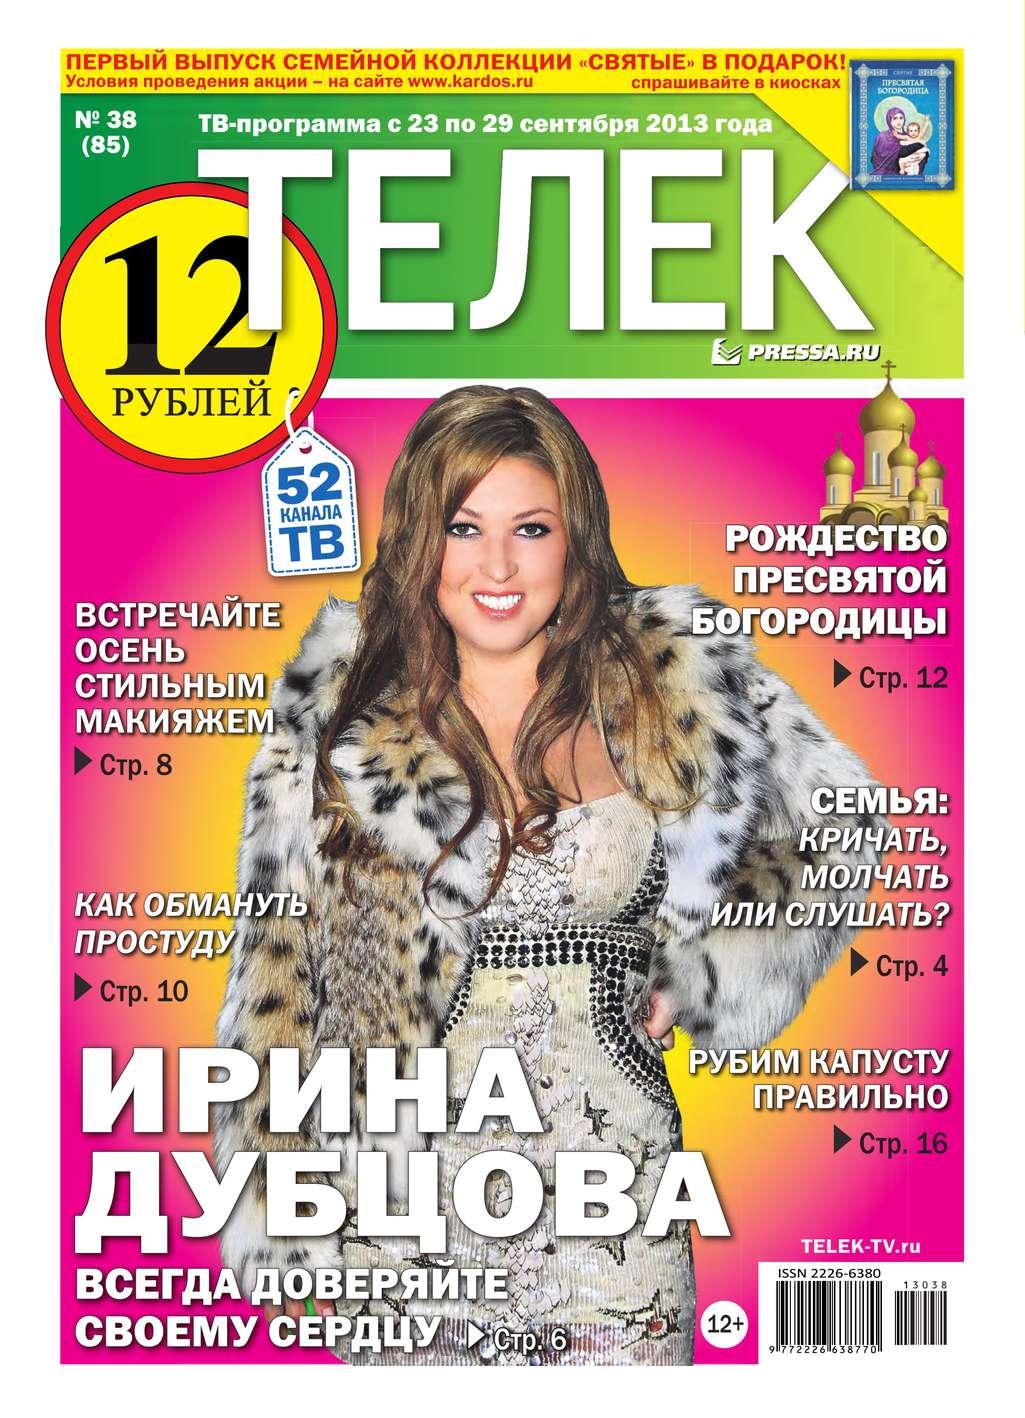 Редакция газеты ТЕЛЕК PRESSA.RU Телек 38-2013 газеты